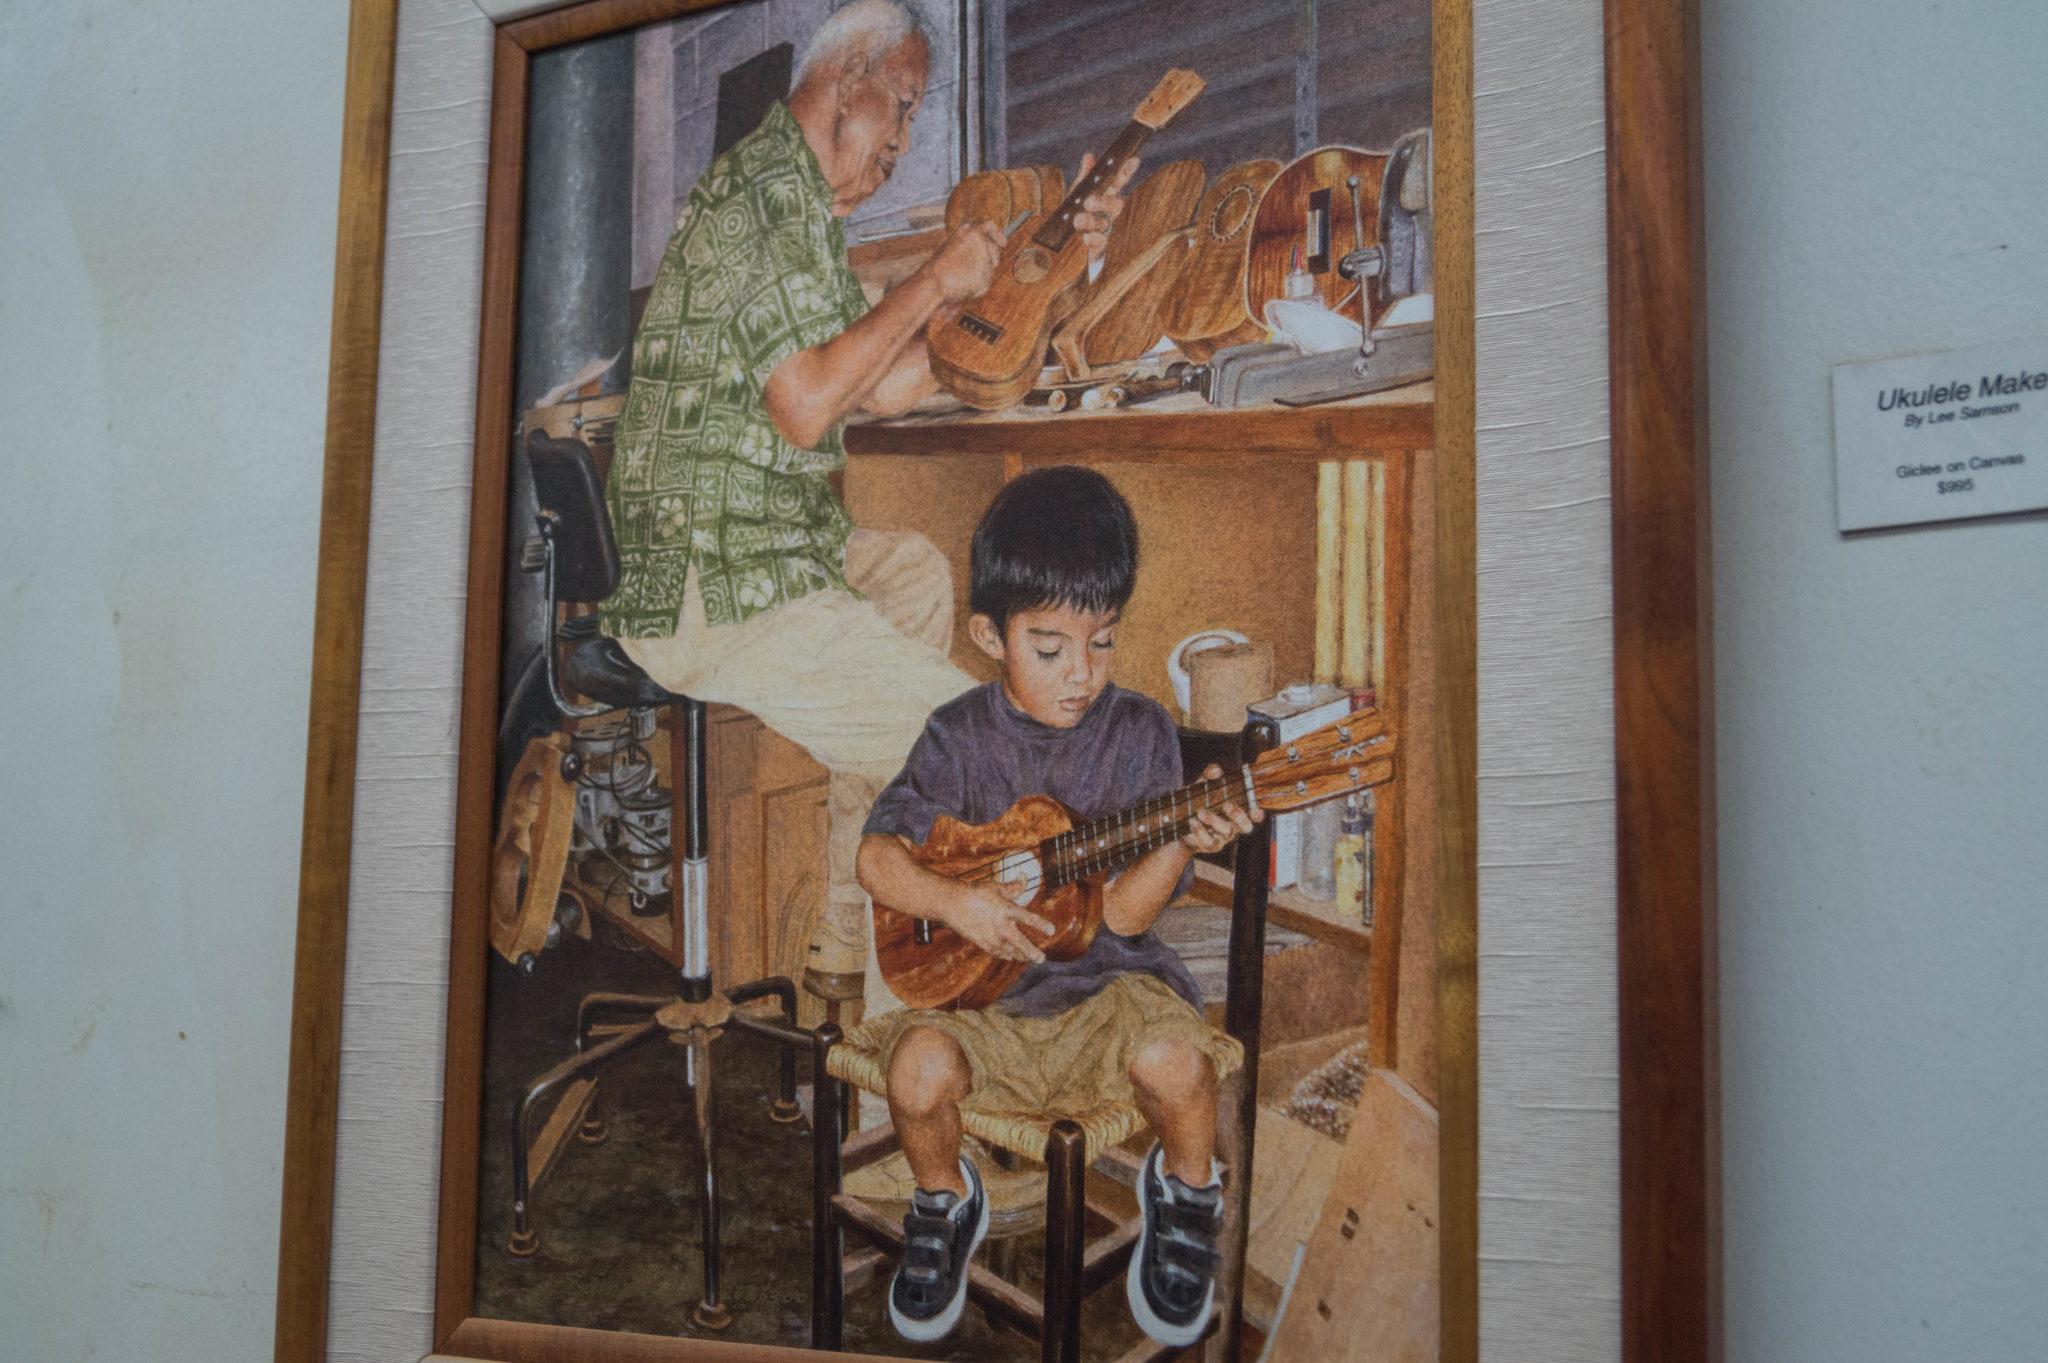 Kamaka Ukulele Hawai'i steht für Qualität und Tradition